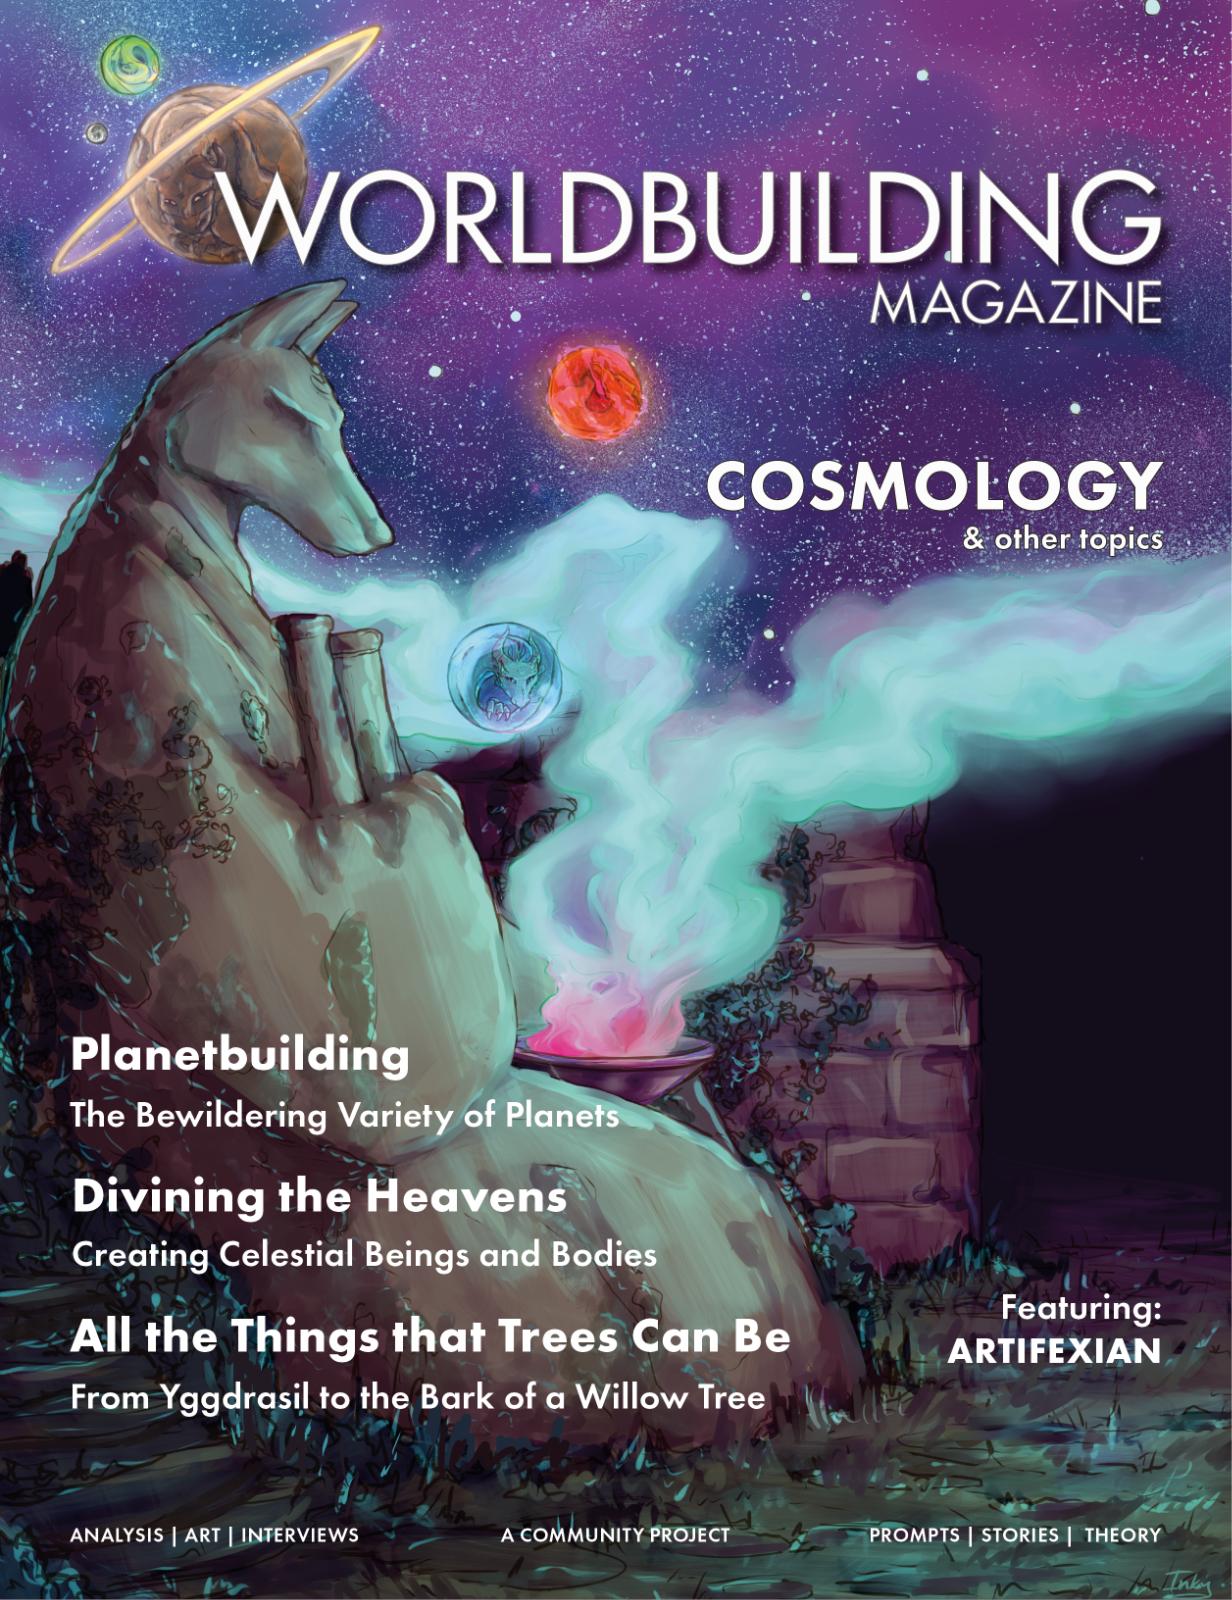 Worldbuilding Magazine Volume 5, Issue 2: Cosmology